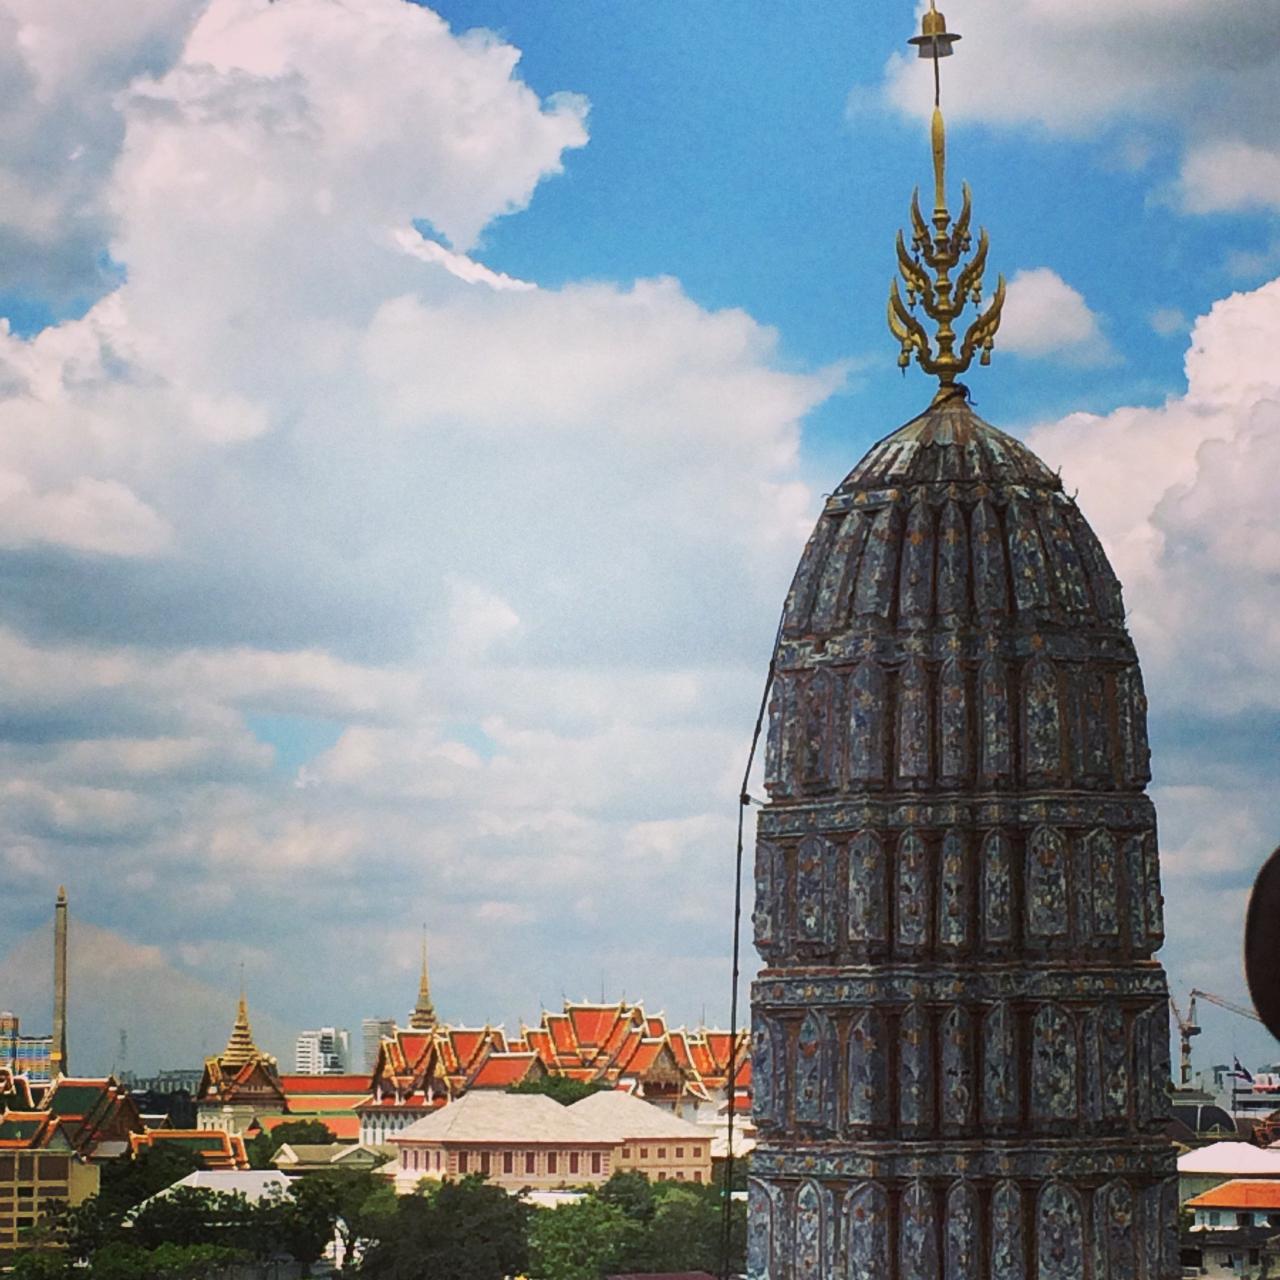 View from Wat Arun Bangkok, Thailand